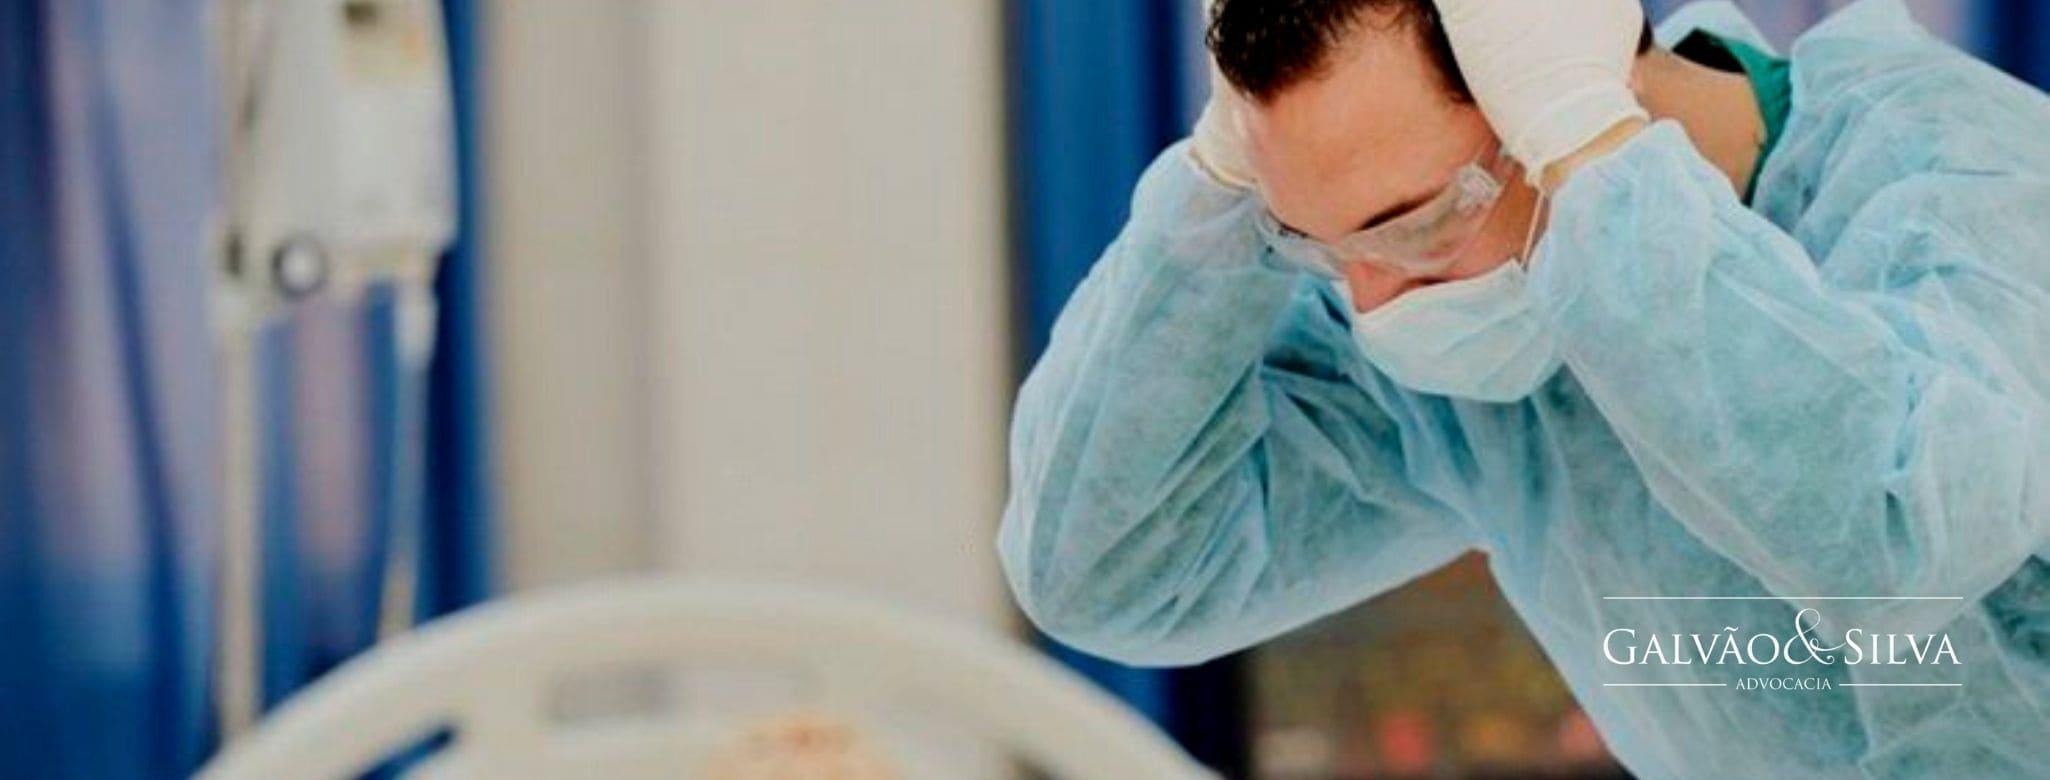 Erro de diagnóstico - Responsabilidade civil do médico